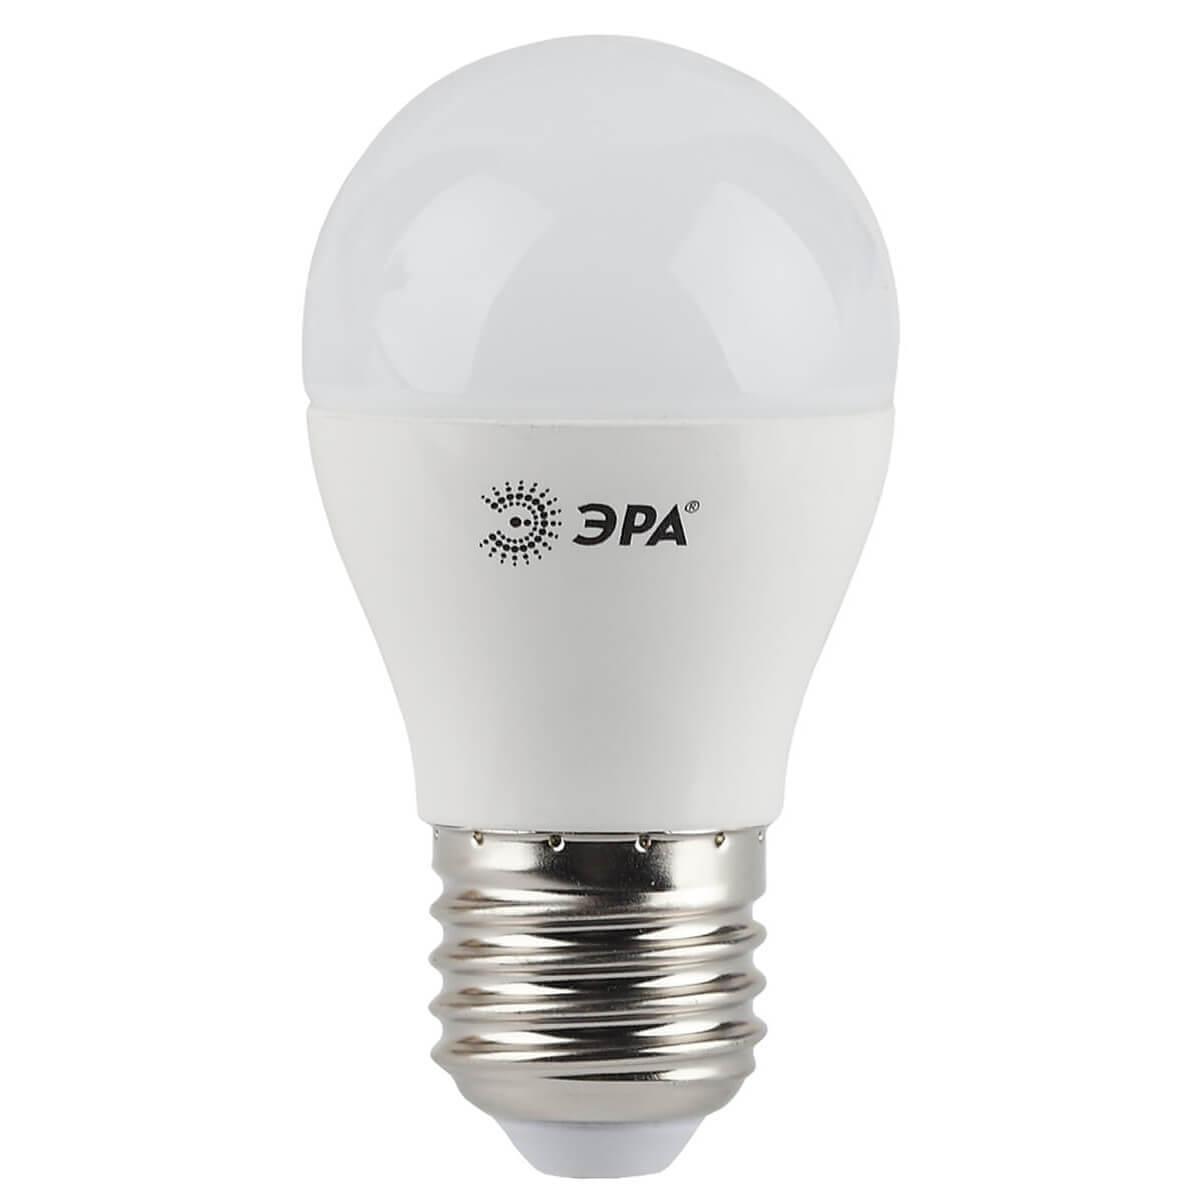 Лампа светодиодная ЭРА E27 5W 2700K шар матовый LED P45-5W-827-E27 skylark лампа светодиодная skylark шар матовый e27 6 5w 3000k a003